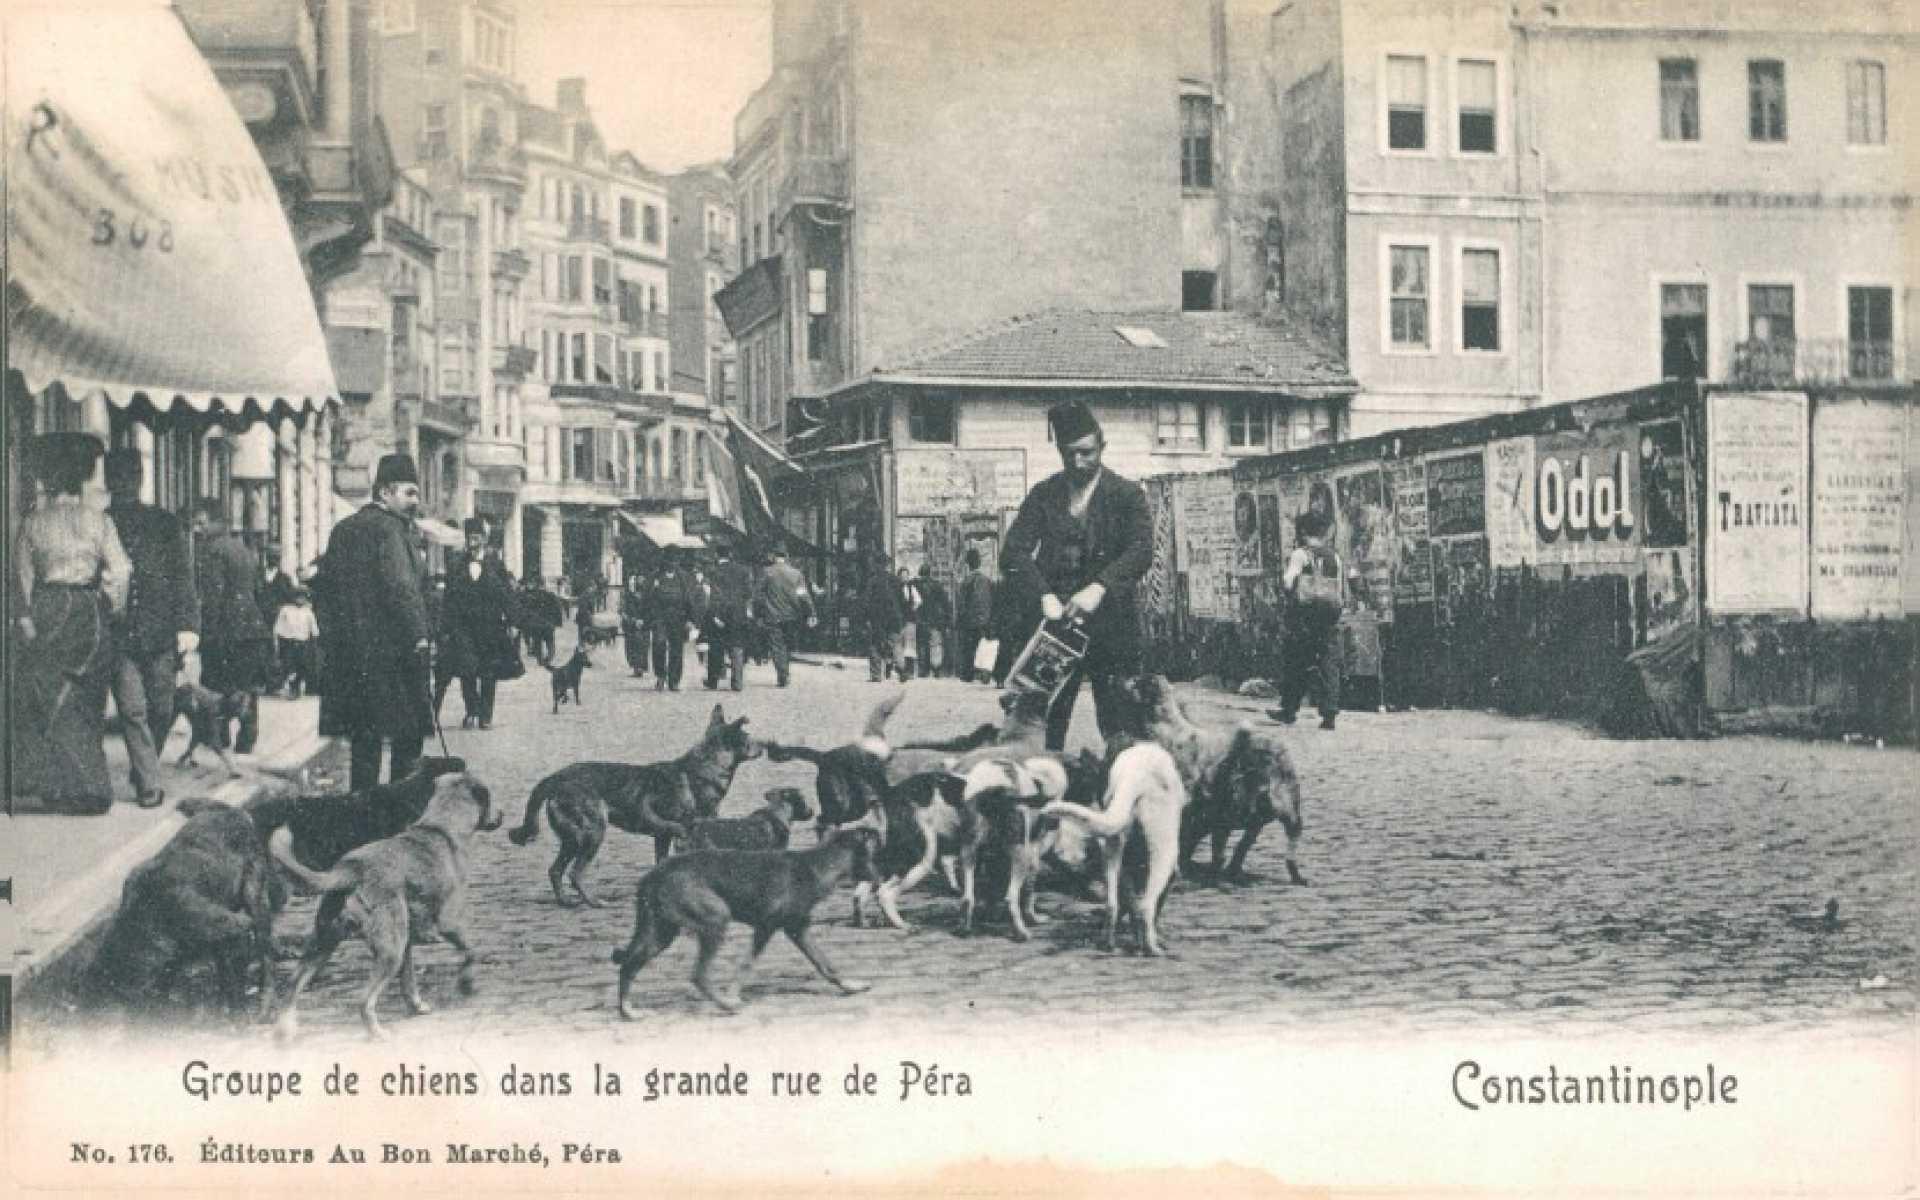 Groupe de chiens dans la grande rue de Pera